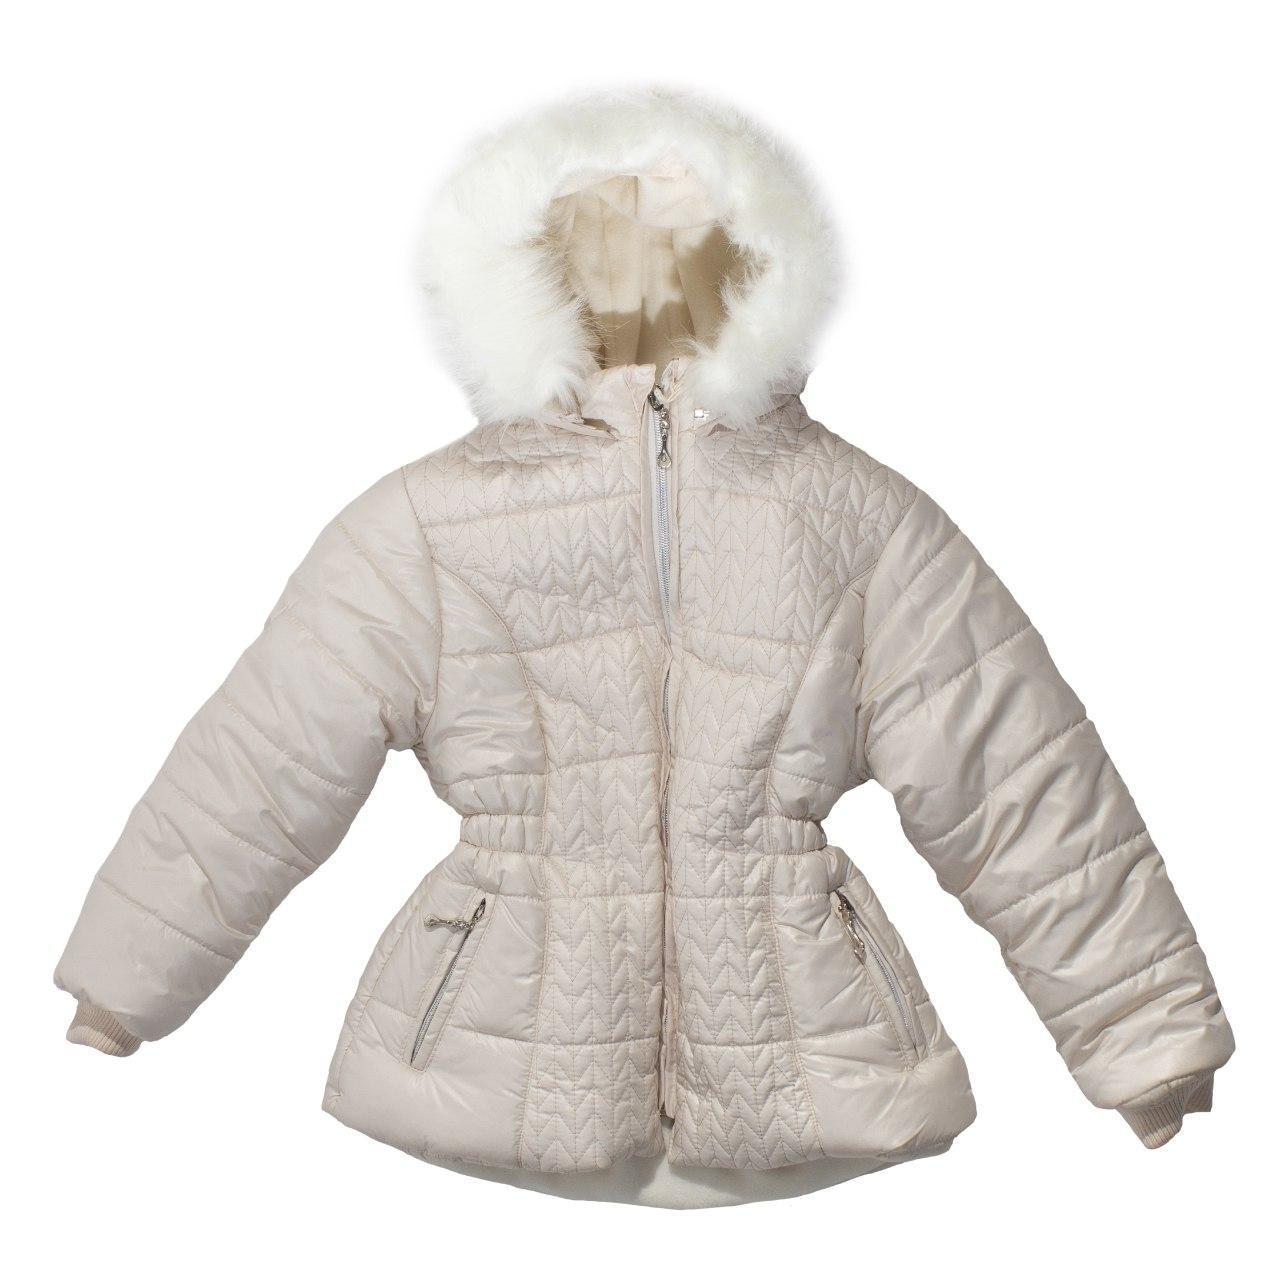 Зимний пуховик для девочки, еврозима, размеры 7, 8, 9 лет